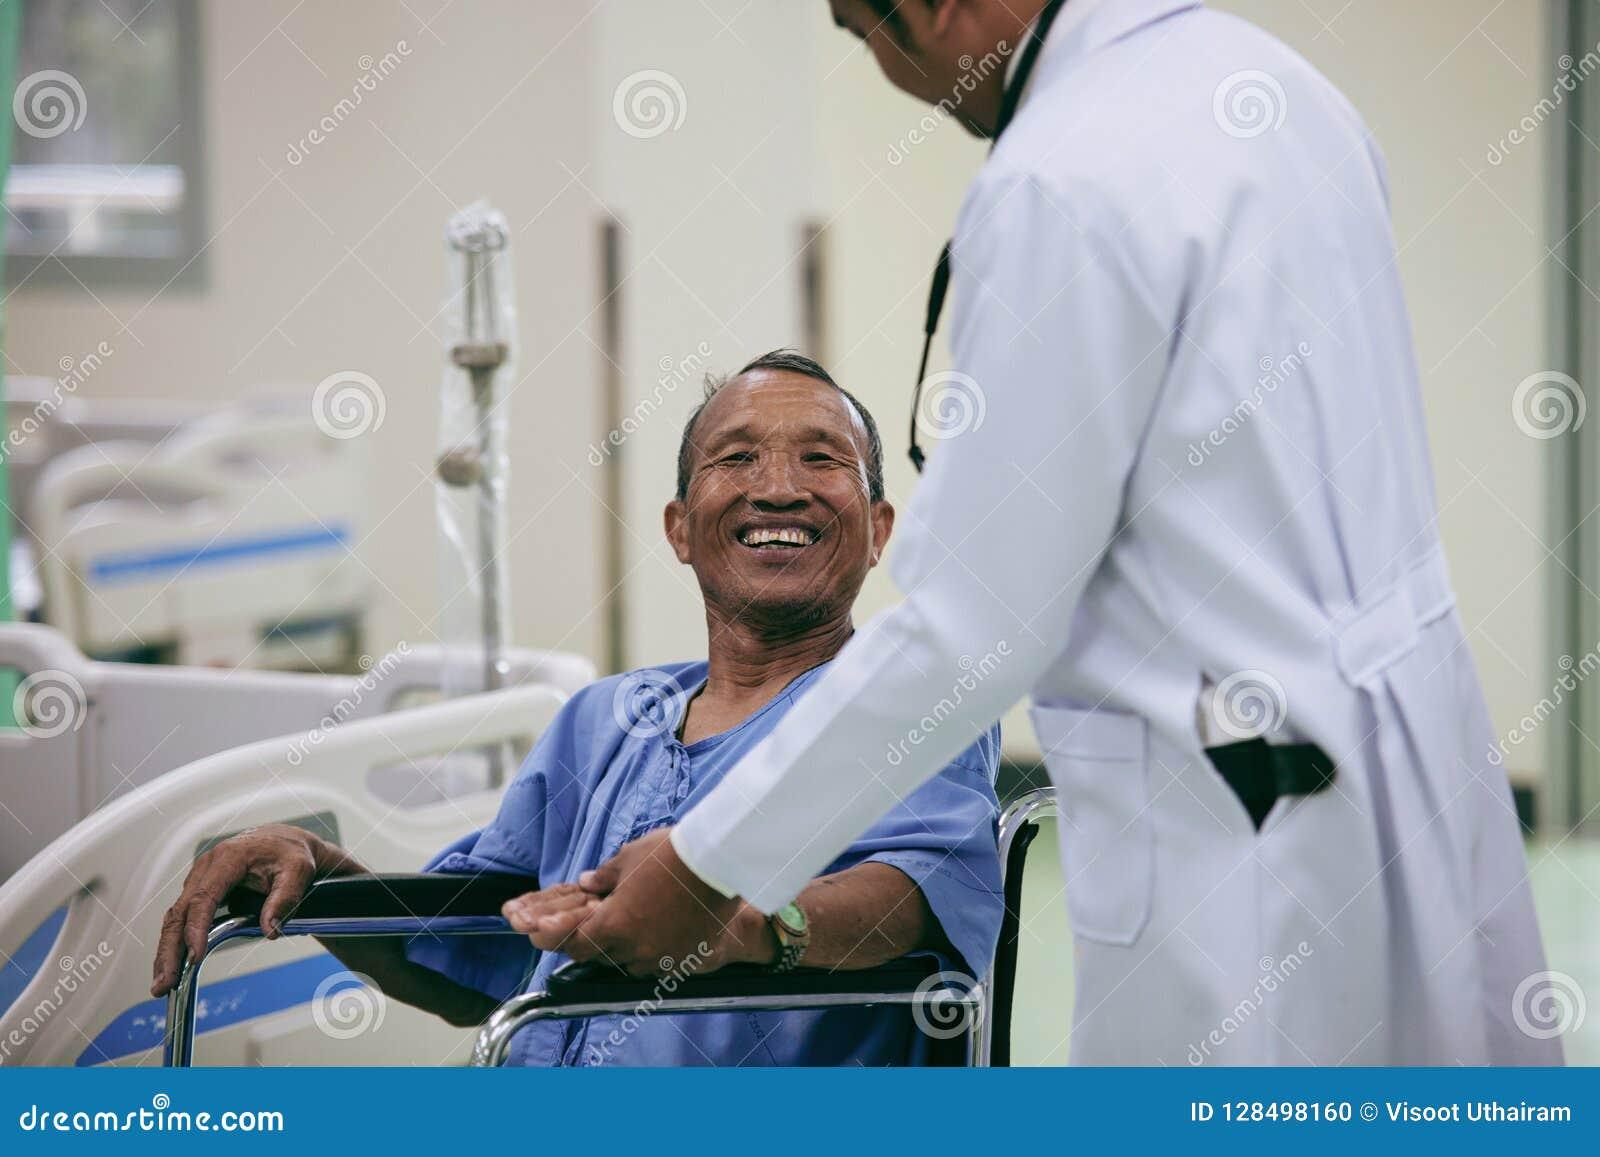 Azjatycki pacjent w wózka inwalidzkiego obsiadaniu w szpitalu z Azjatyckim docto